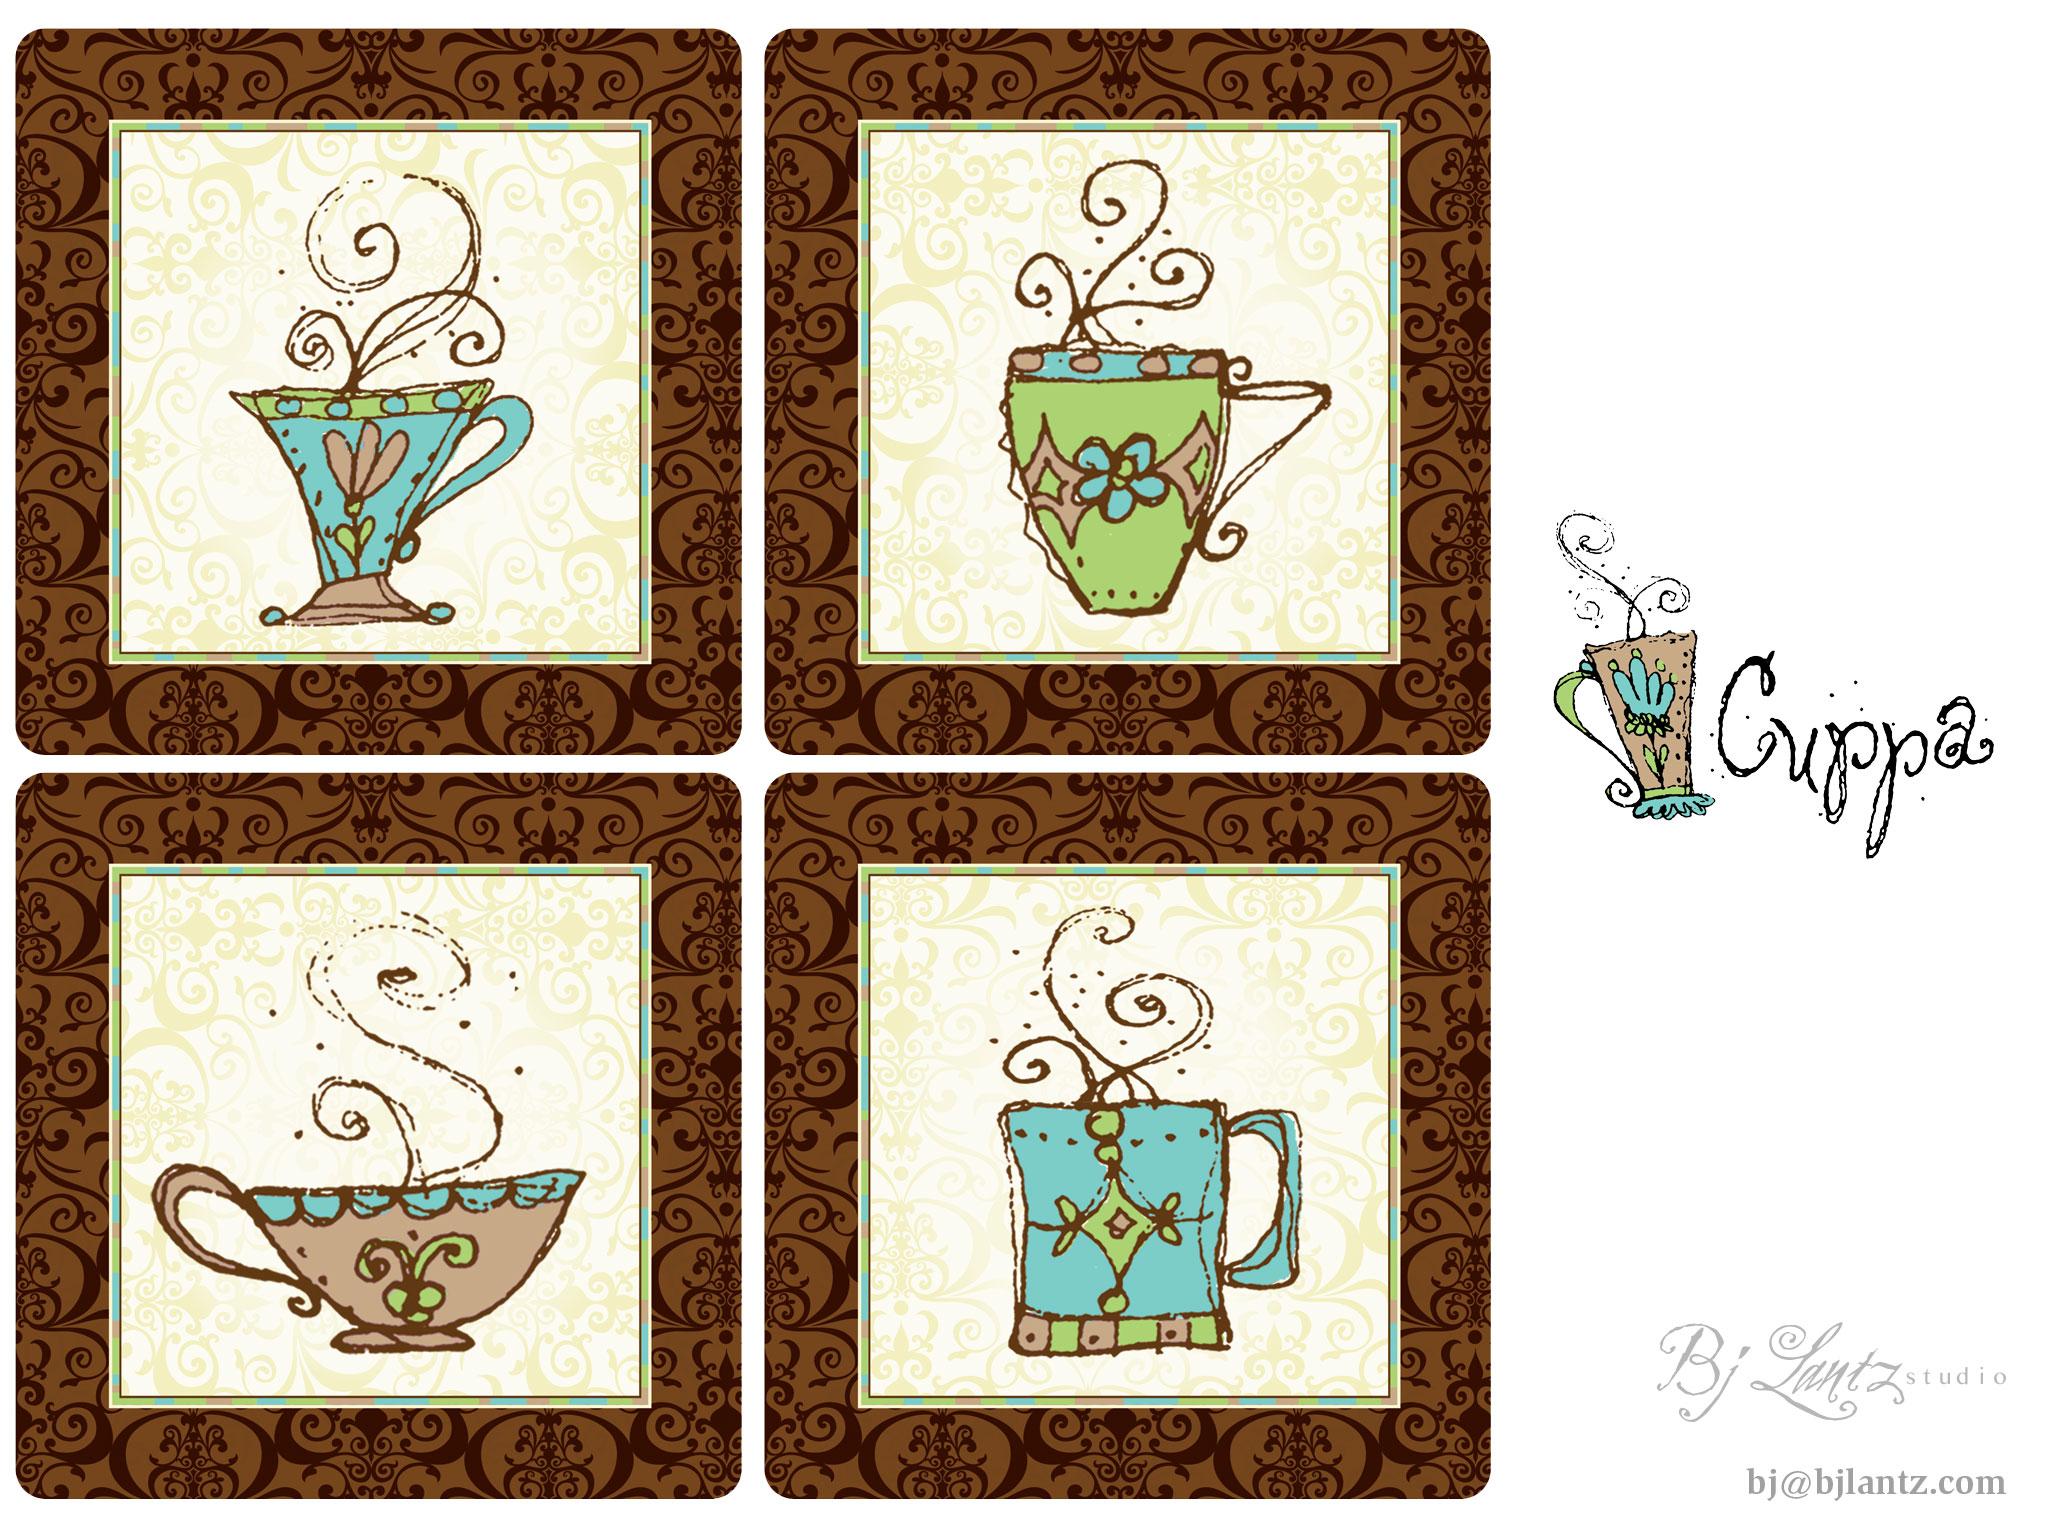 Cuppa_BJLantz_3.jpg